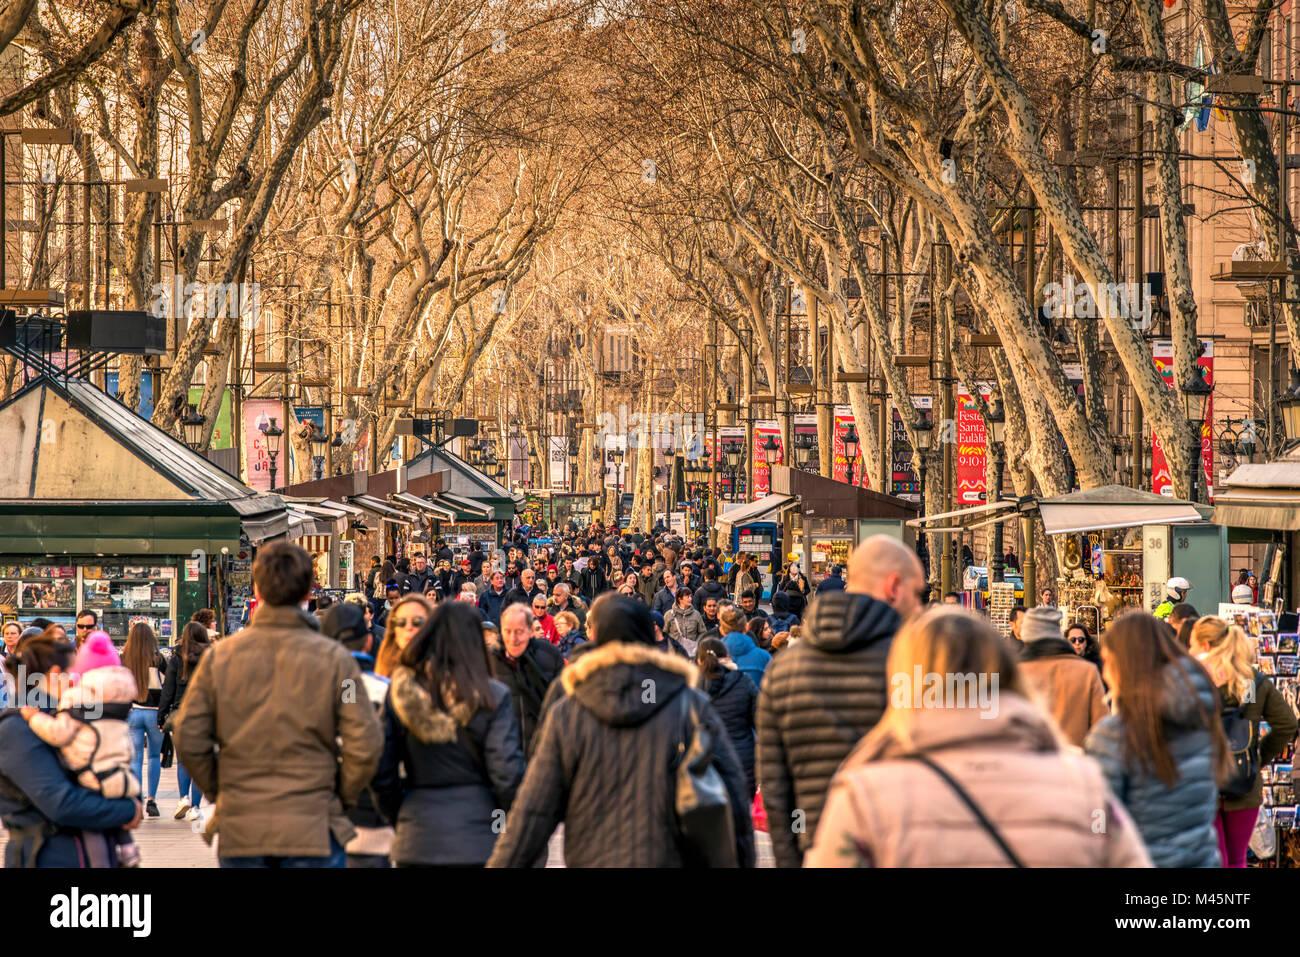 Los turistas paseando por la famosa rambla peatonal, Barcelona, Cataluña, España Imagen De Stock